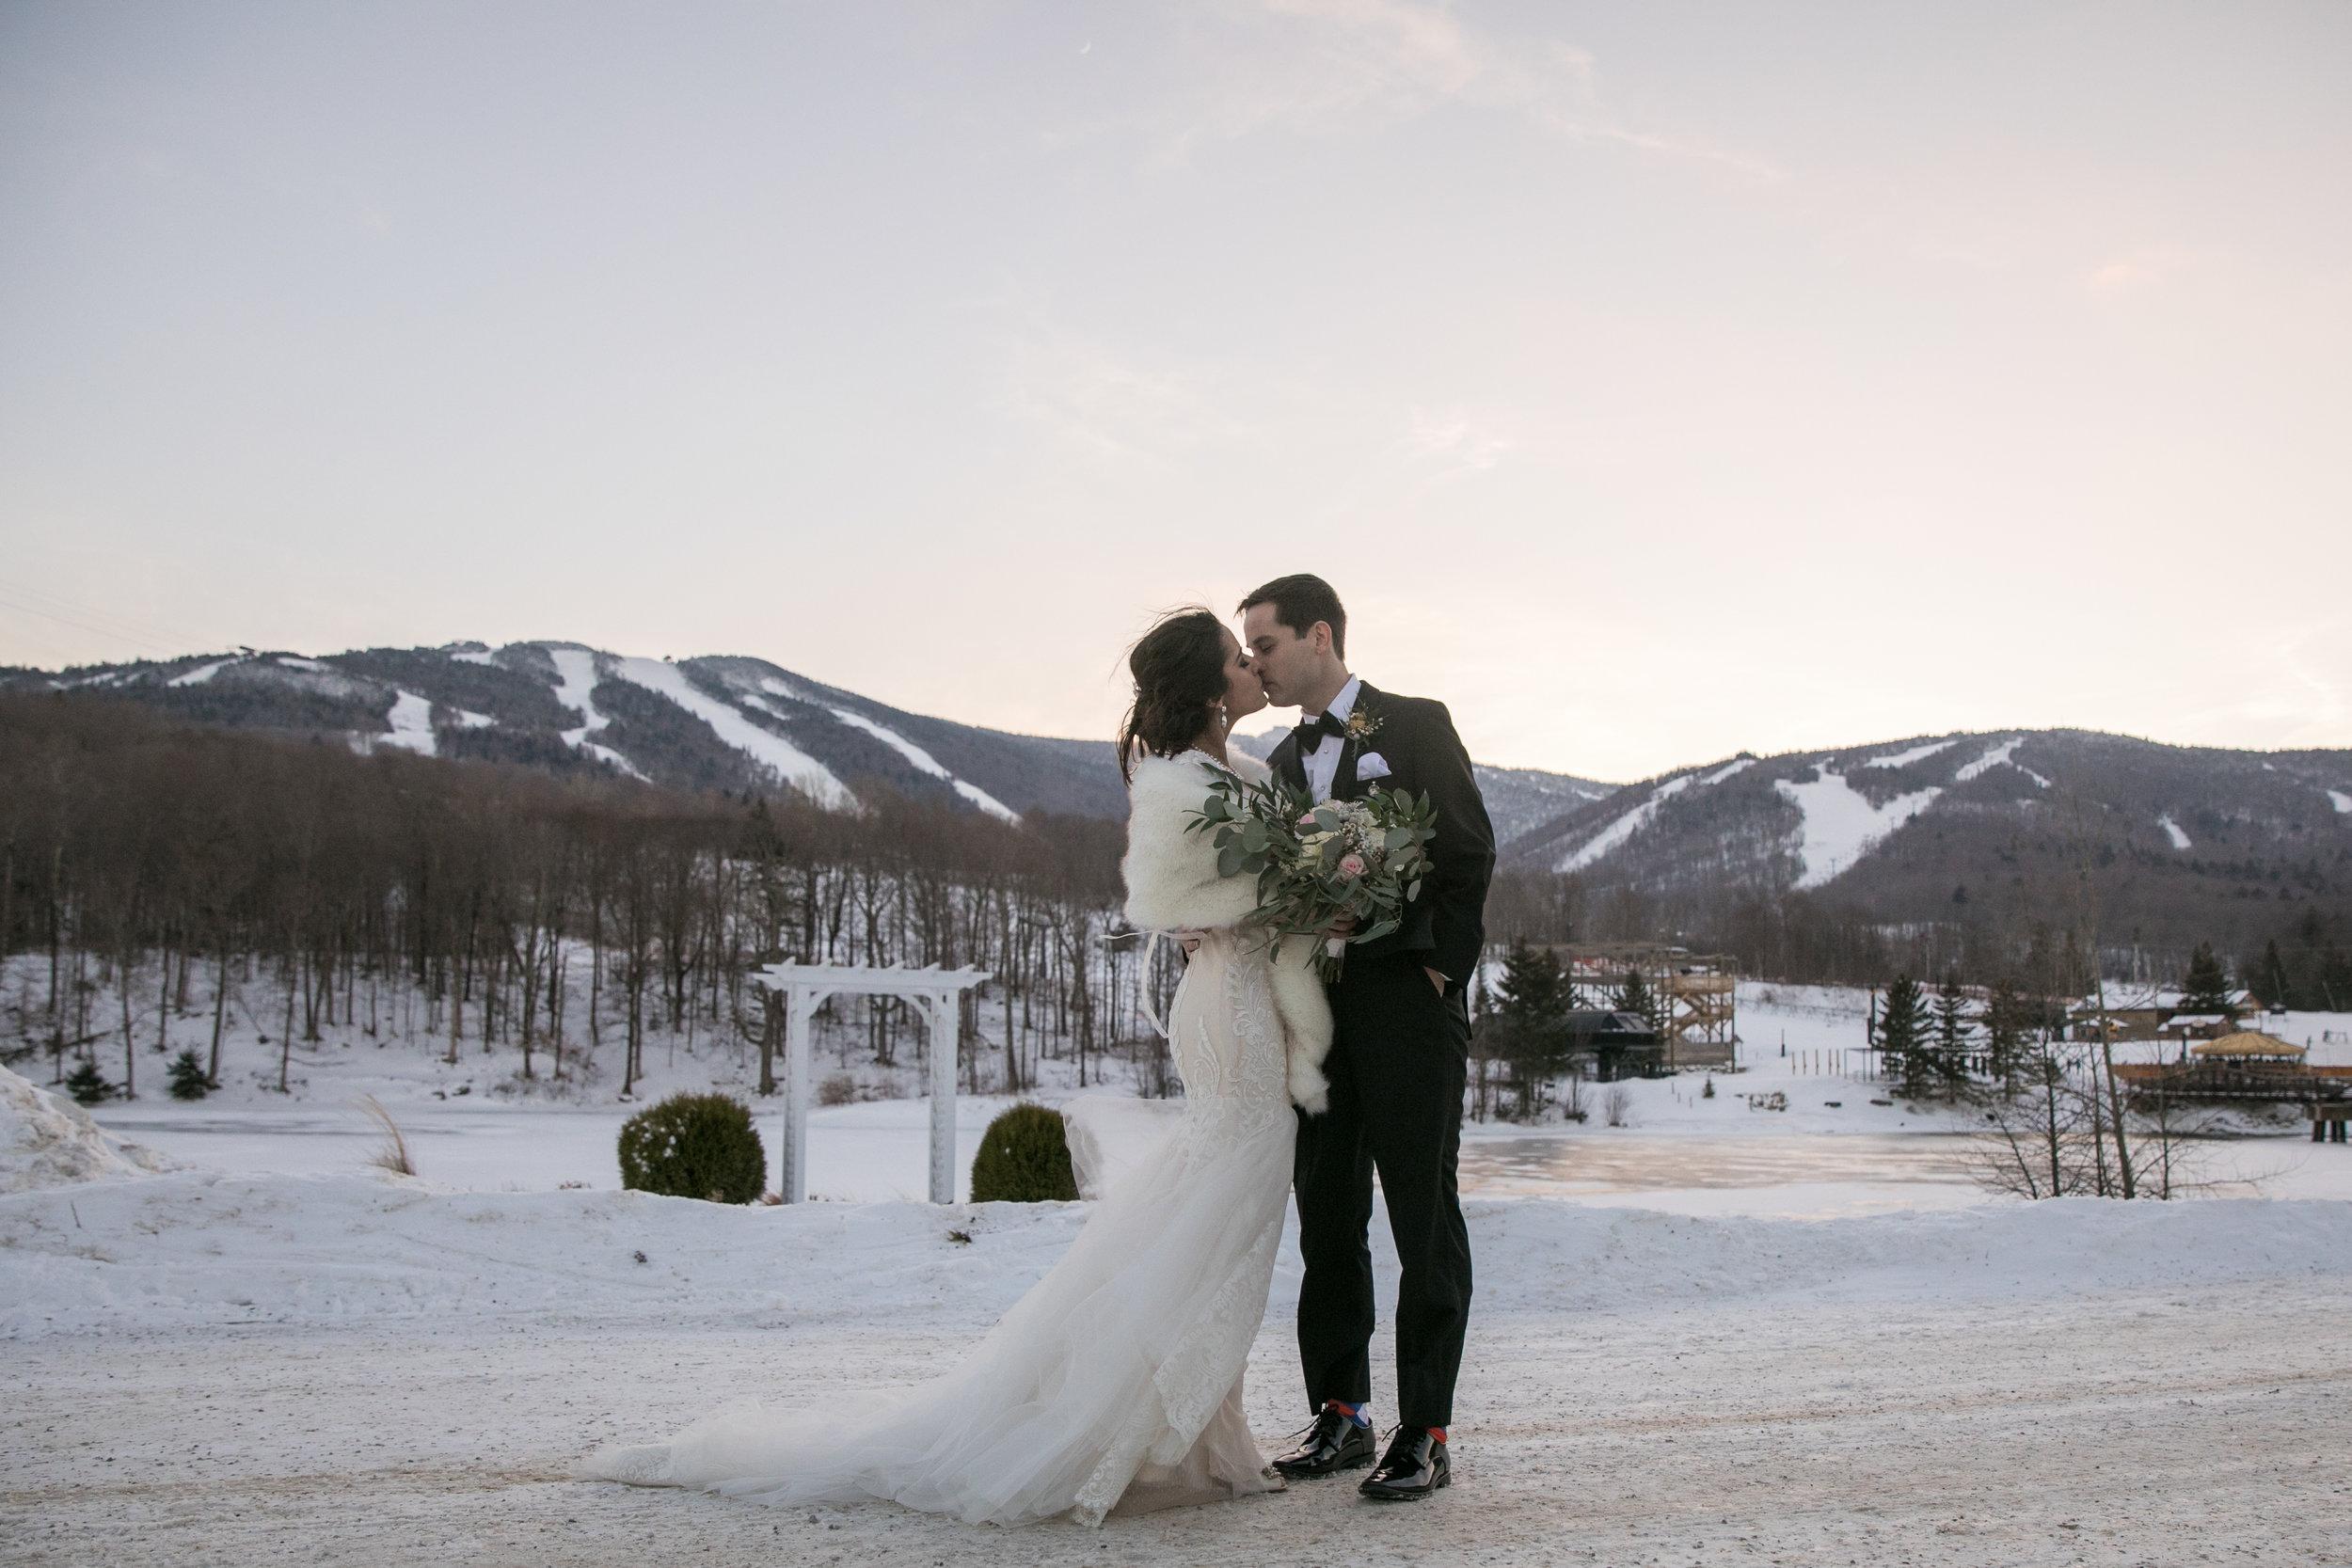 Thais & Tim - January 20, 2018 @  Killington Grand Resort Hotel  - Killington, Vermont